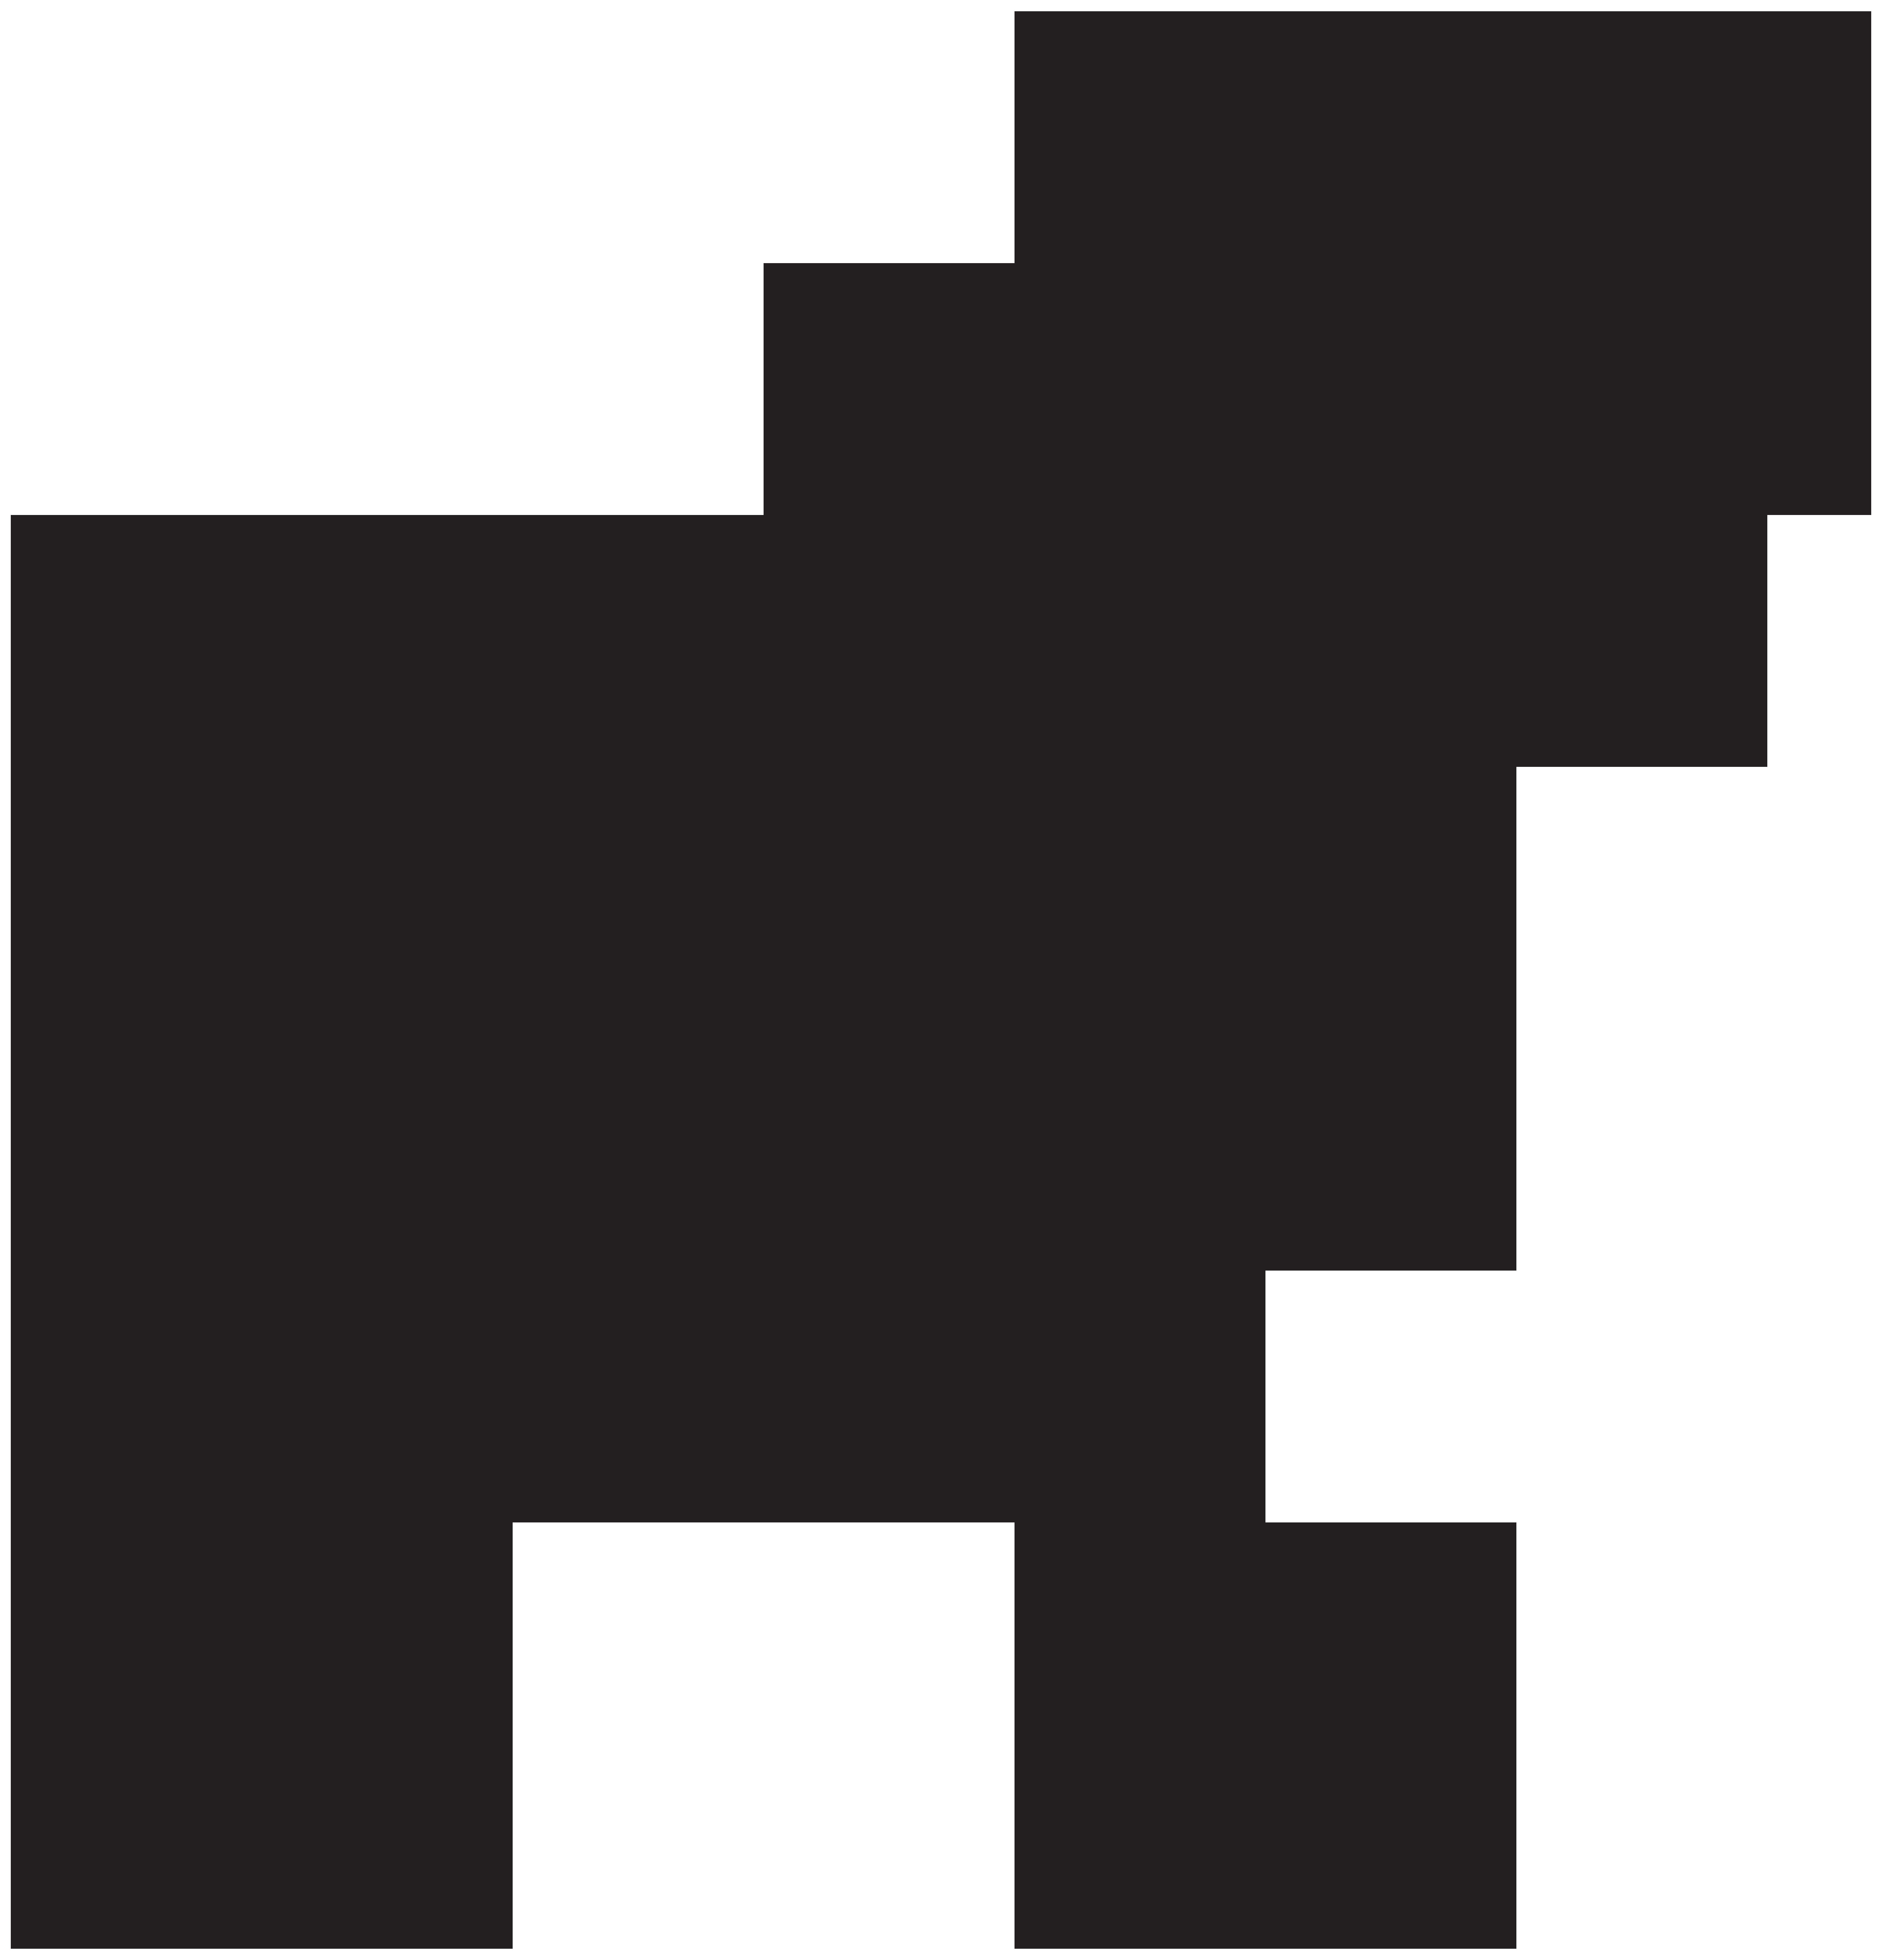 7680x8000 Sheep Silhouette Clipart